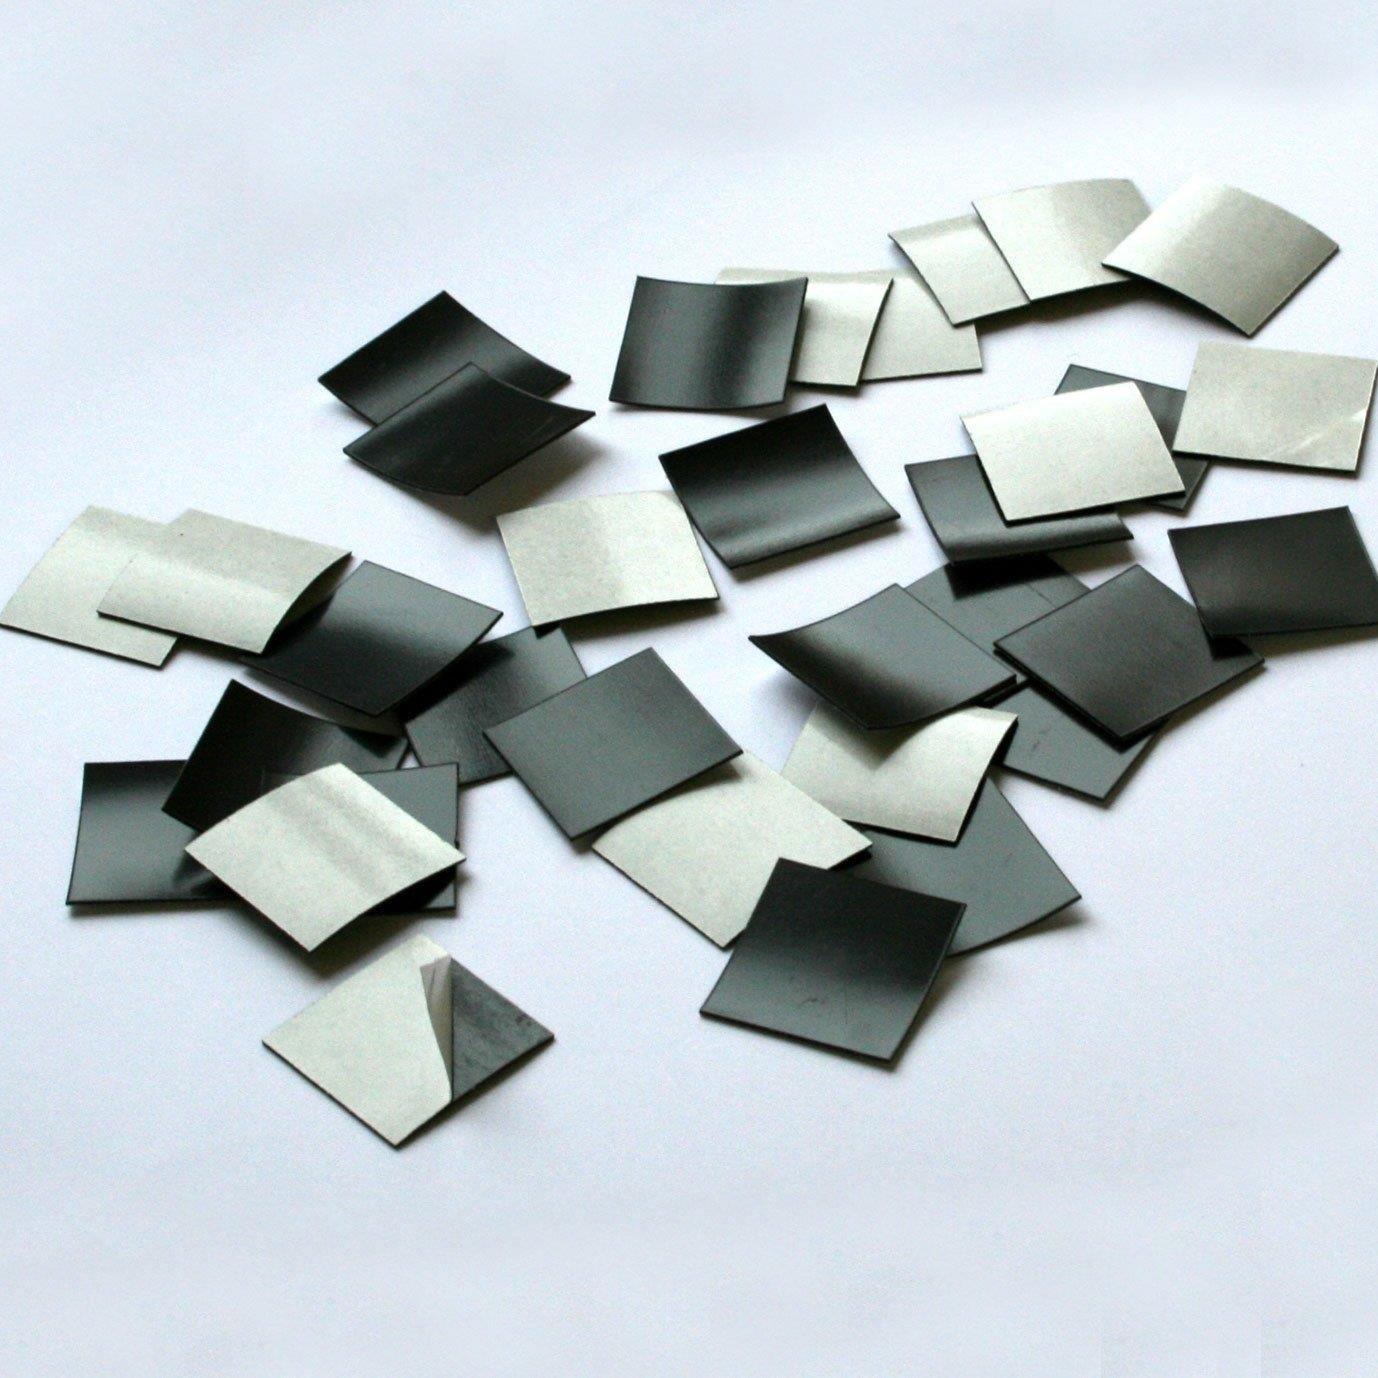 100er Set Magnet-Plättchen selbstklebend MAGSTICK I mag_001 I Größe 2x2 cm I roh I für Foto Postkarte Poster Notizen I diy Kühlschrank-Magnet easydruck24de